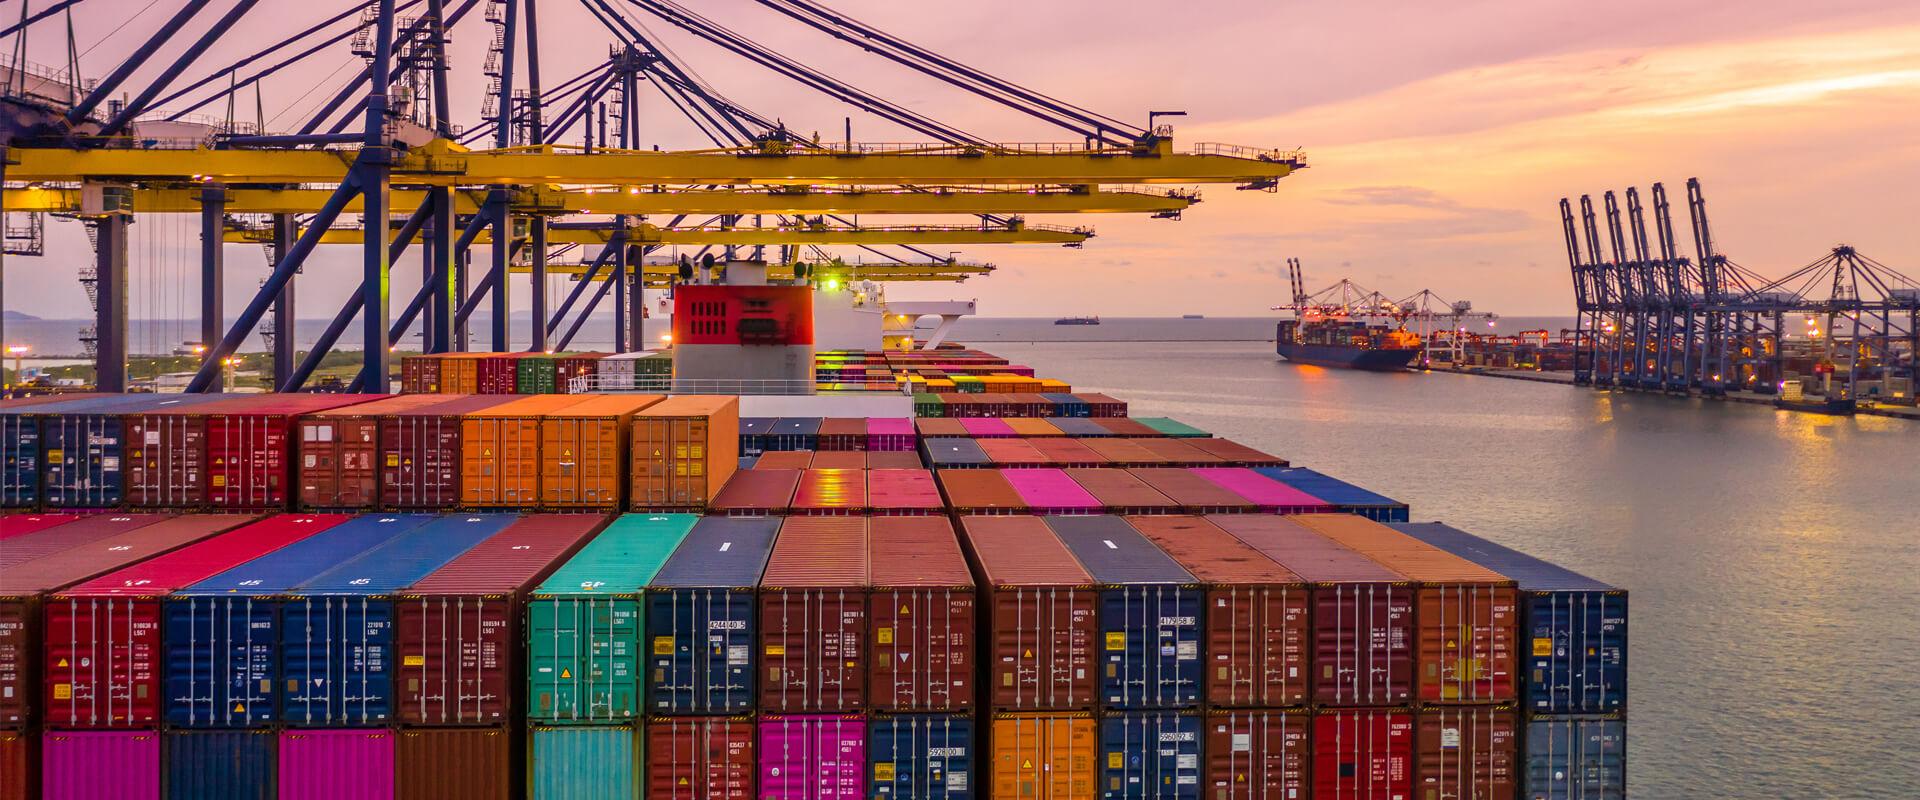 بازرگانی تامین کالا و تجهیزات درخواستی در سراسر دنیا